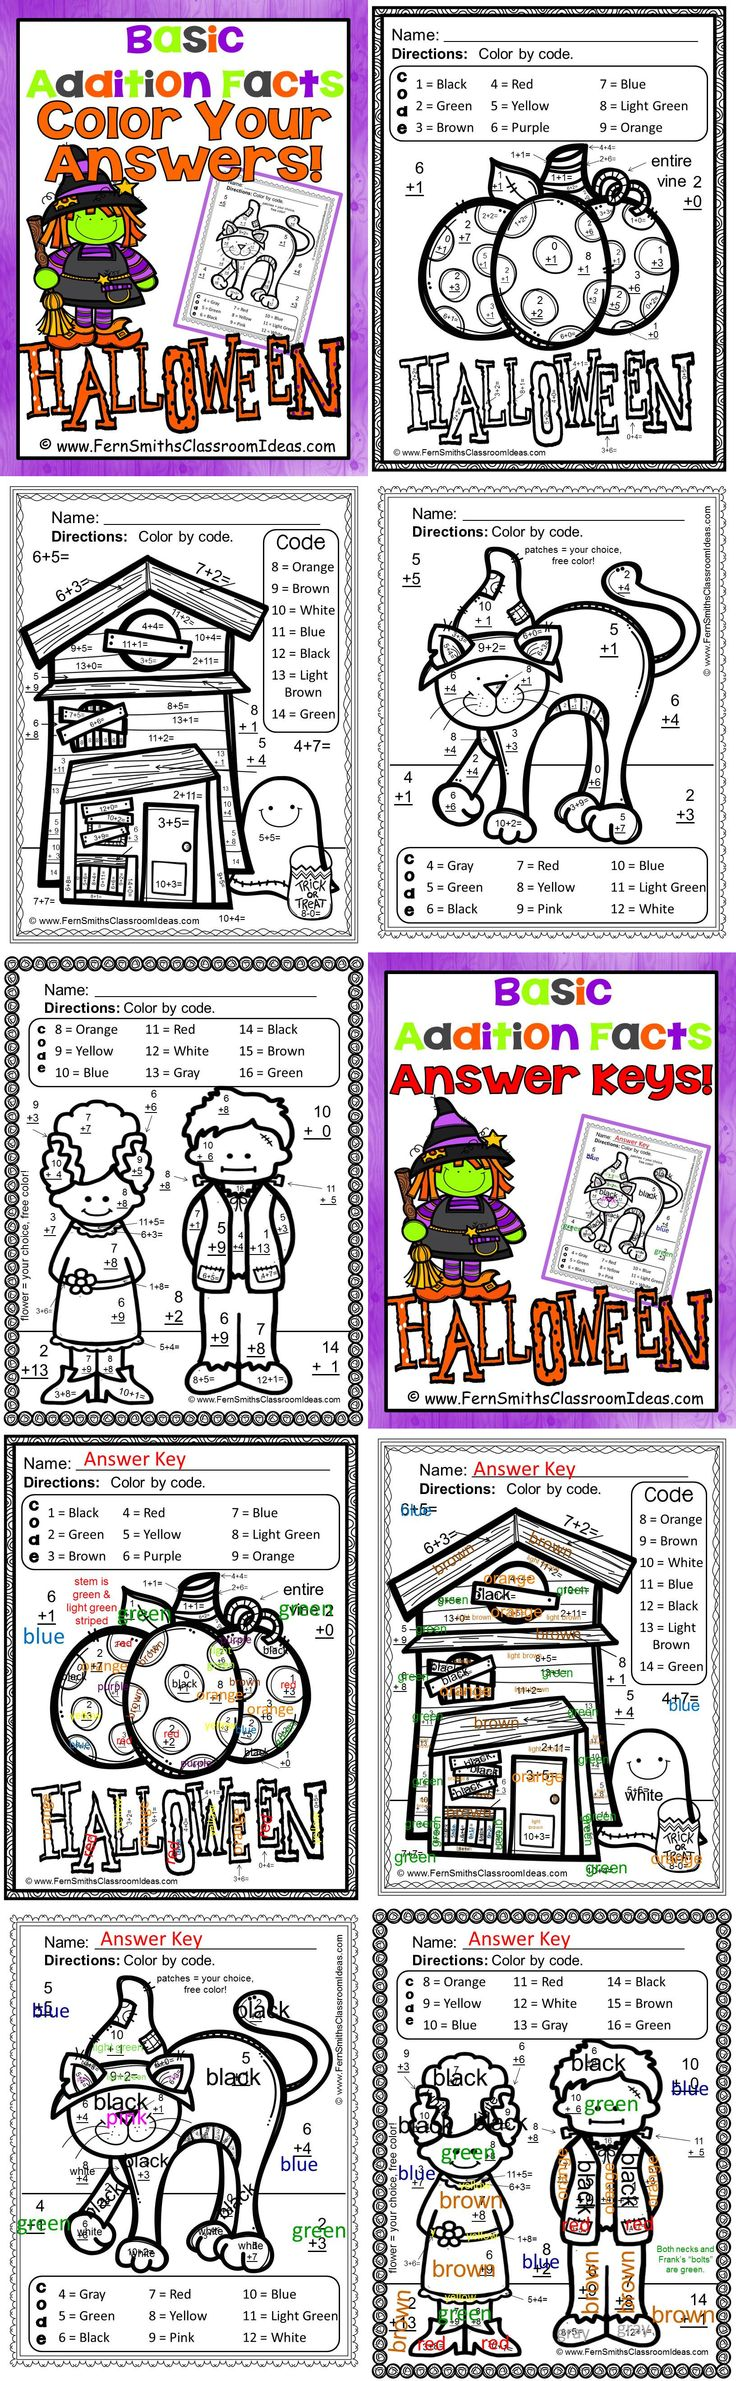 13 best Education images on Pinterest   Writing, English language ...